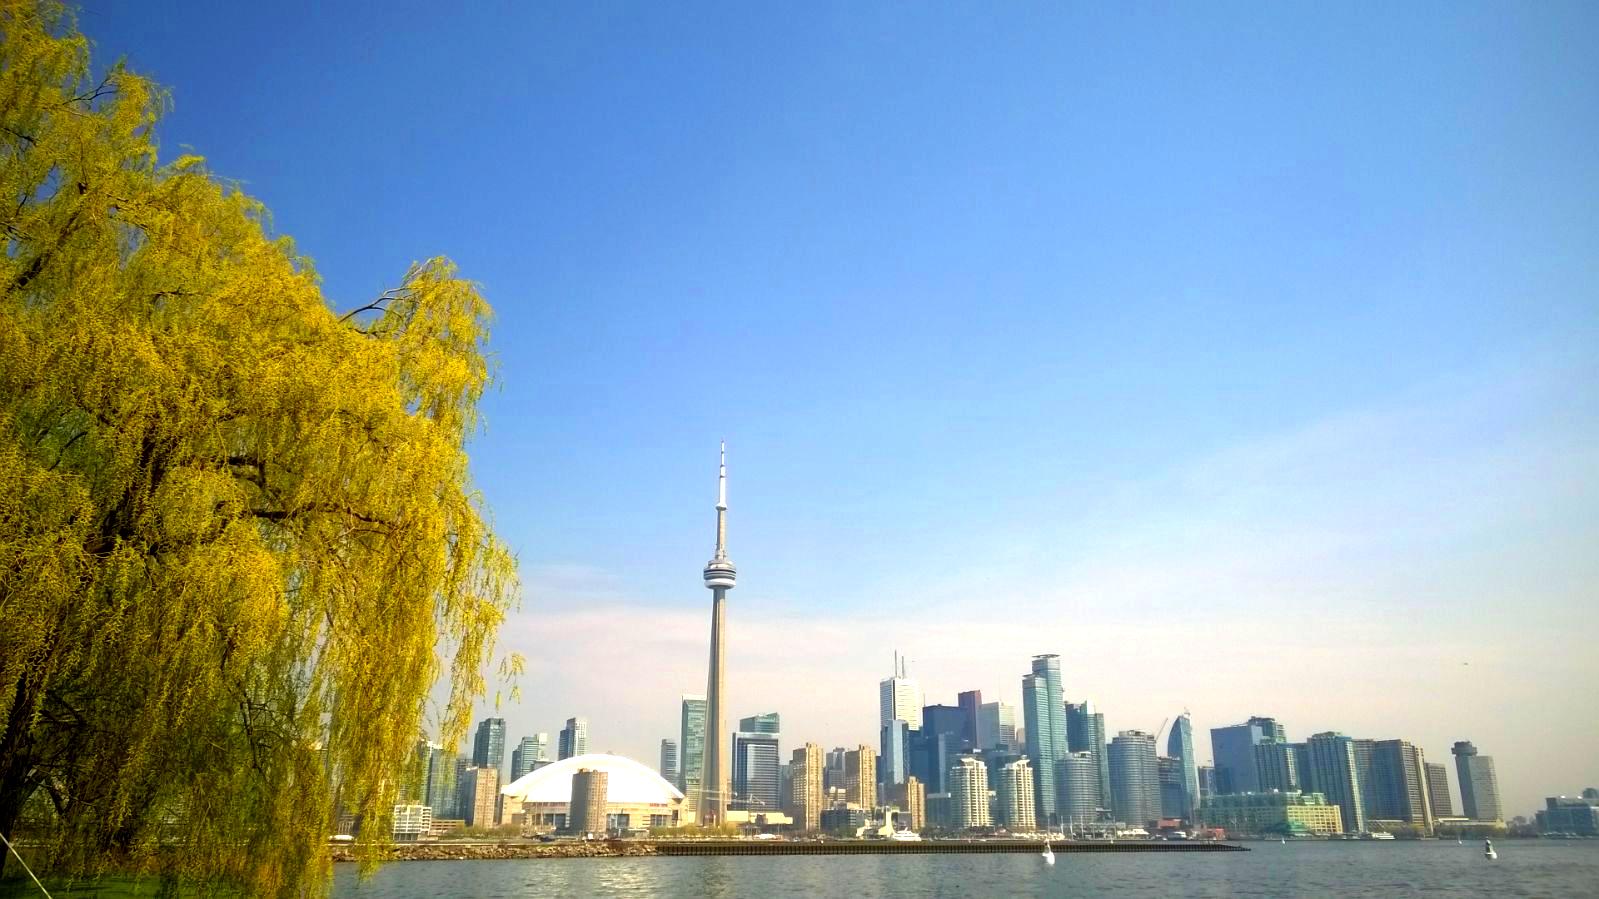 36 Hours in Toronto - Toronto Islands